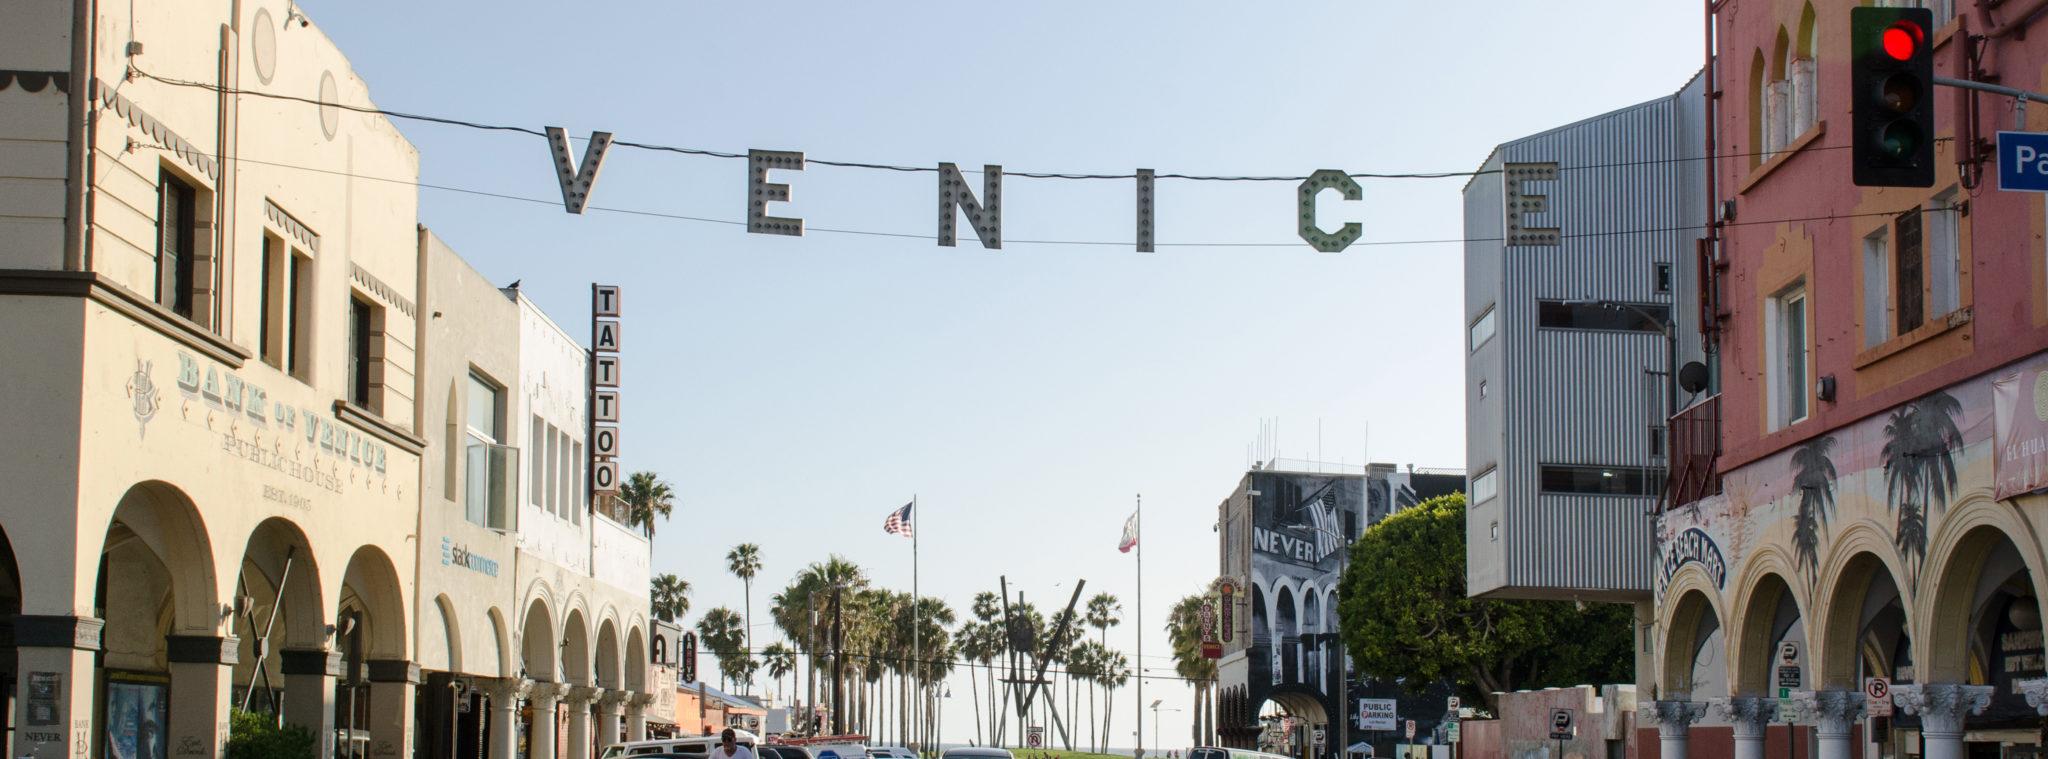 Venice-Beach-Venice-Schriftzug-Slider